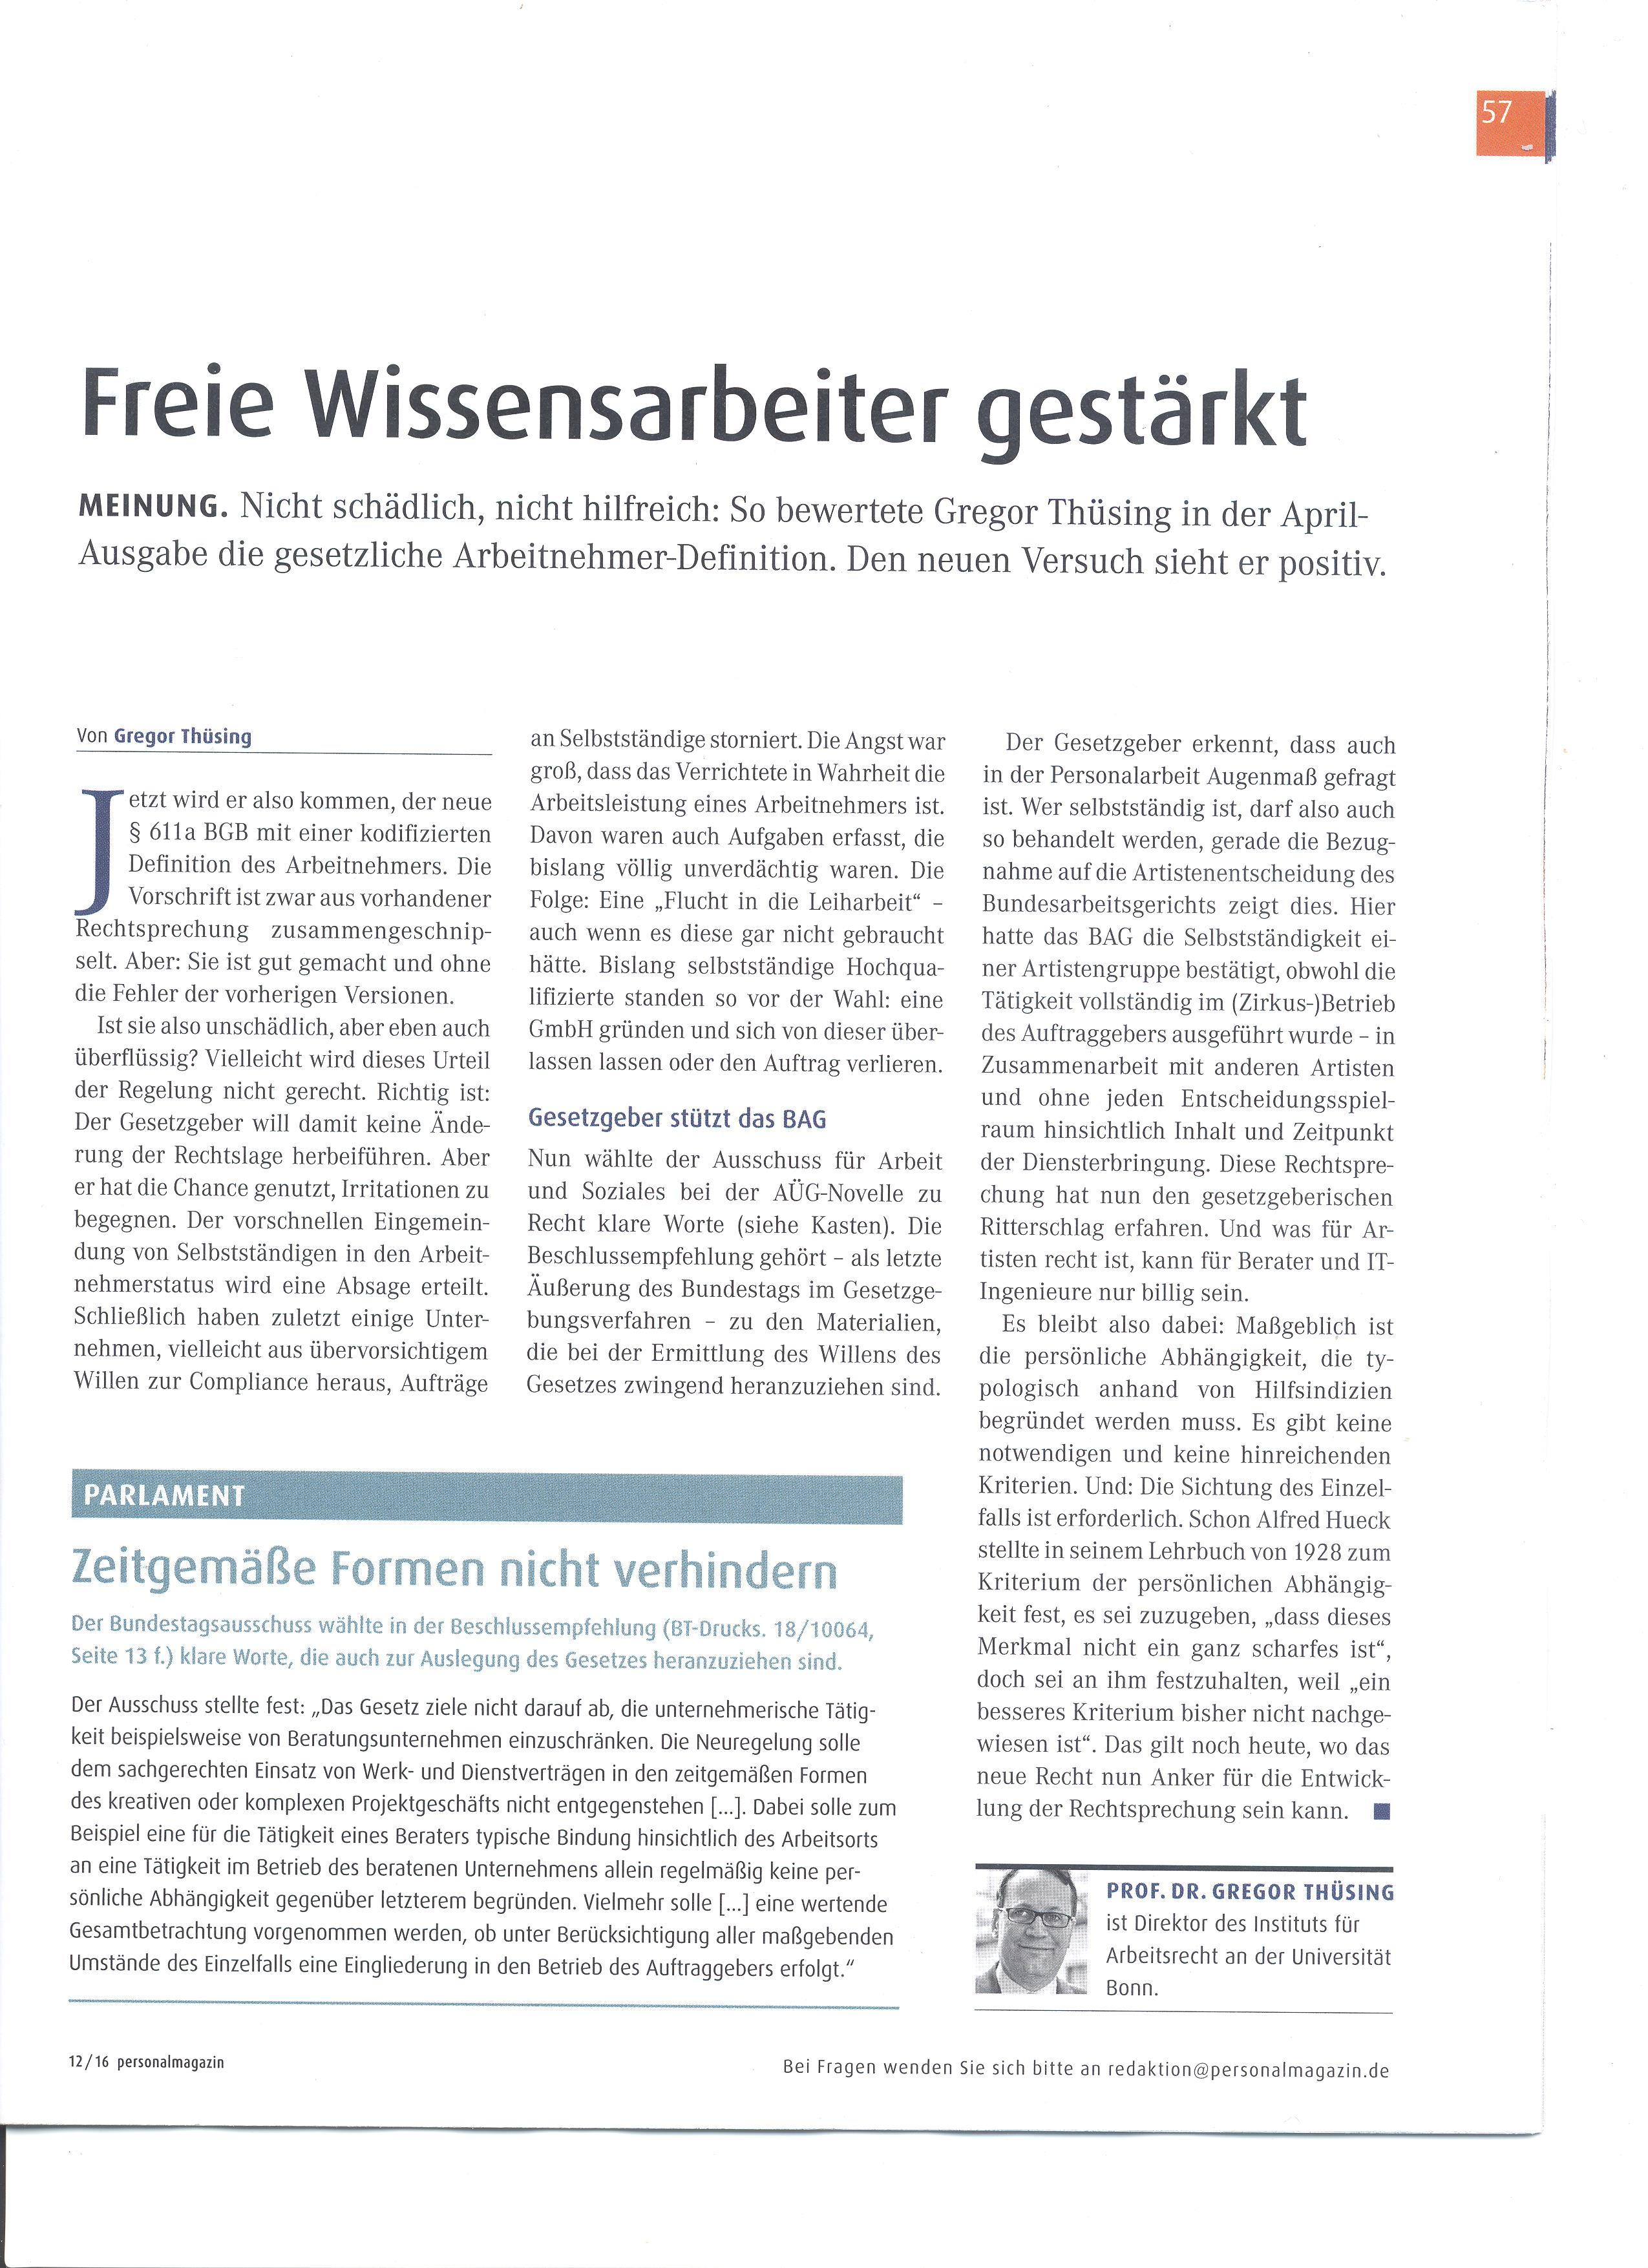 Presse / Beiträge in Tageszeitungen - Lehrstuhl Prof. Dr. Thüsing